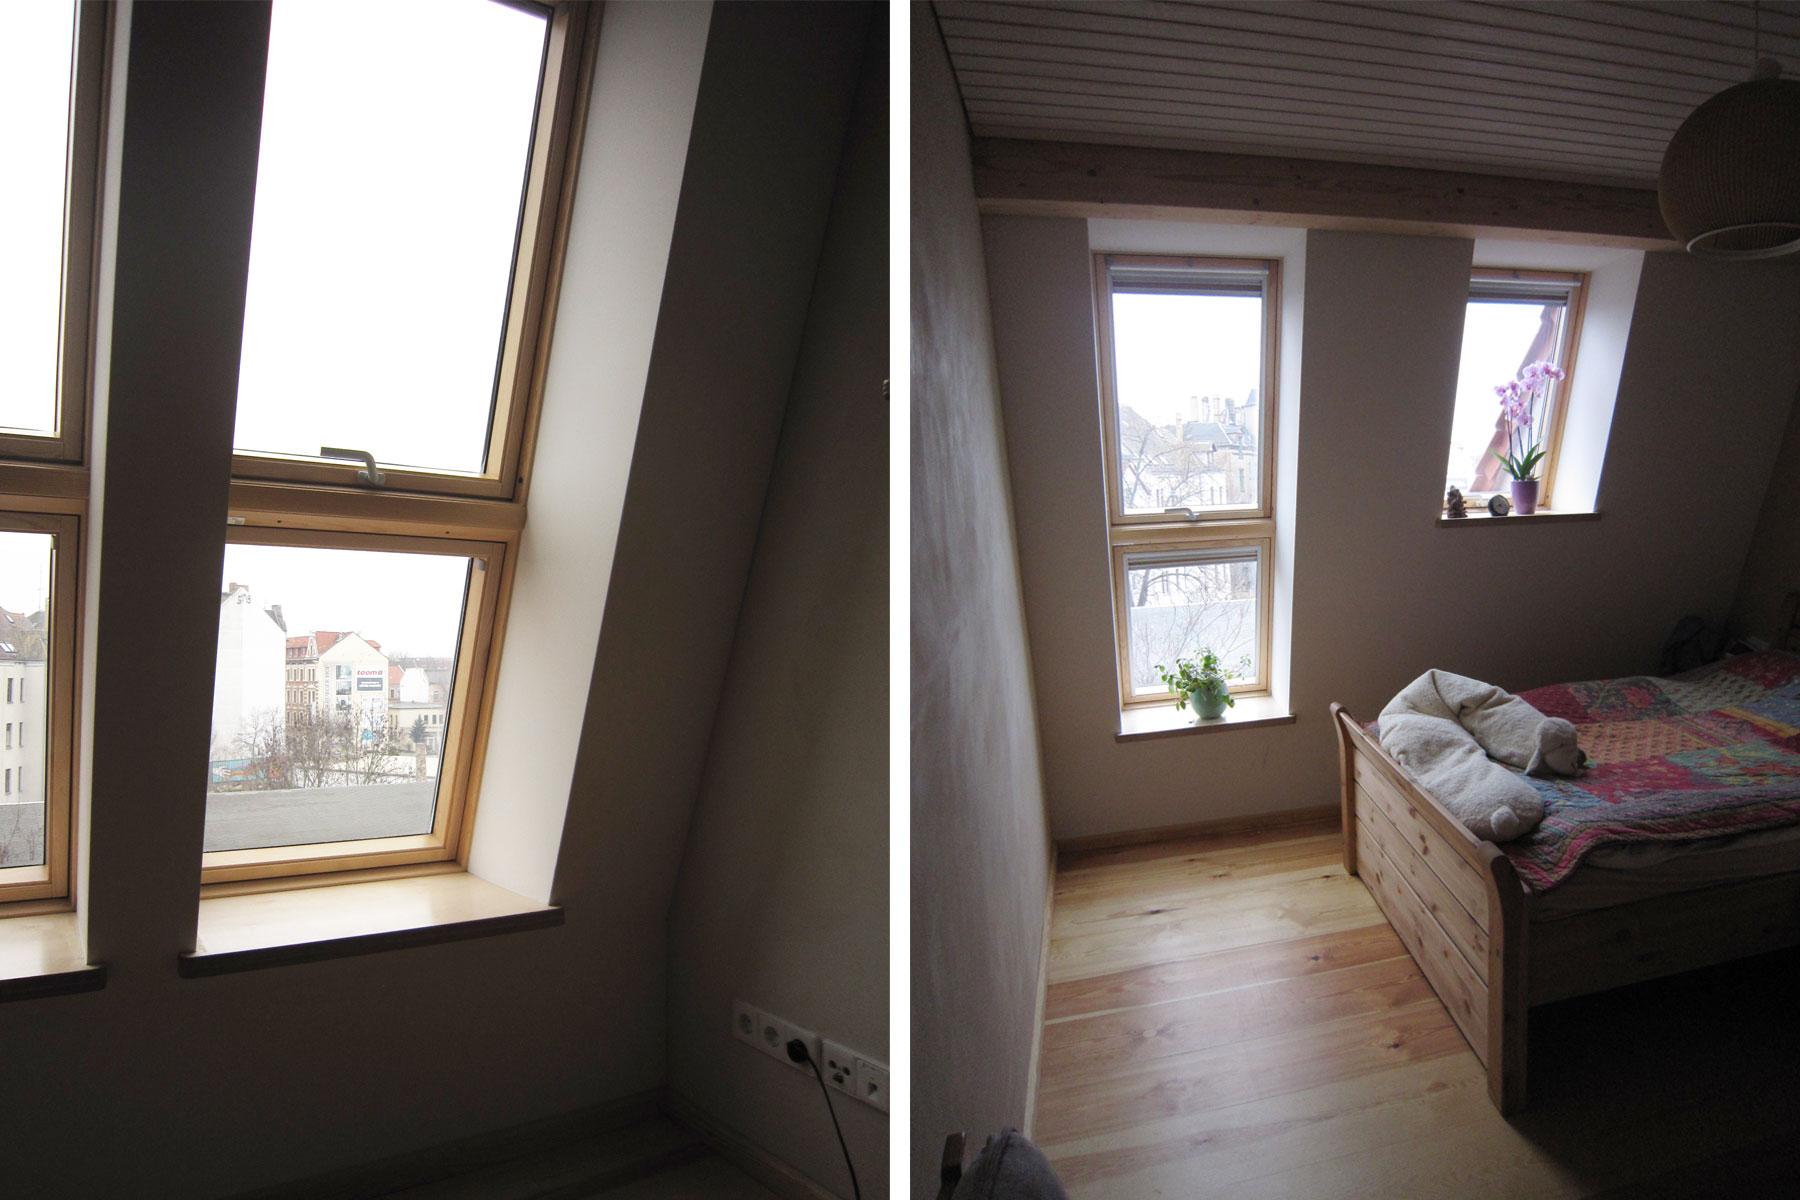 Dachflächenfenster Lehmputz